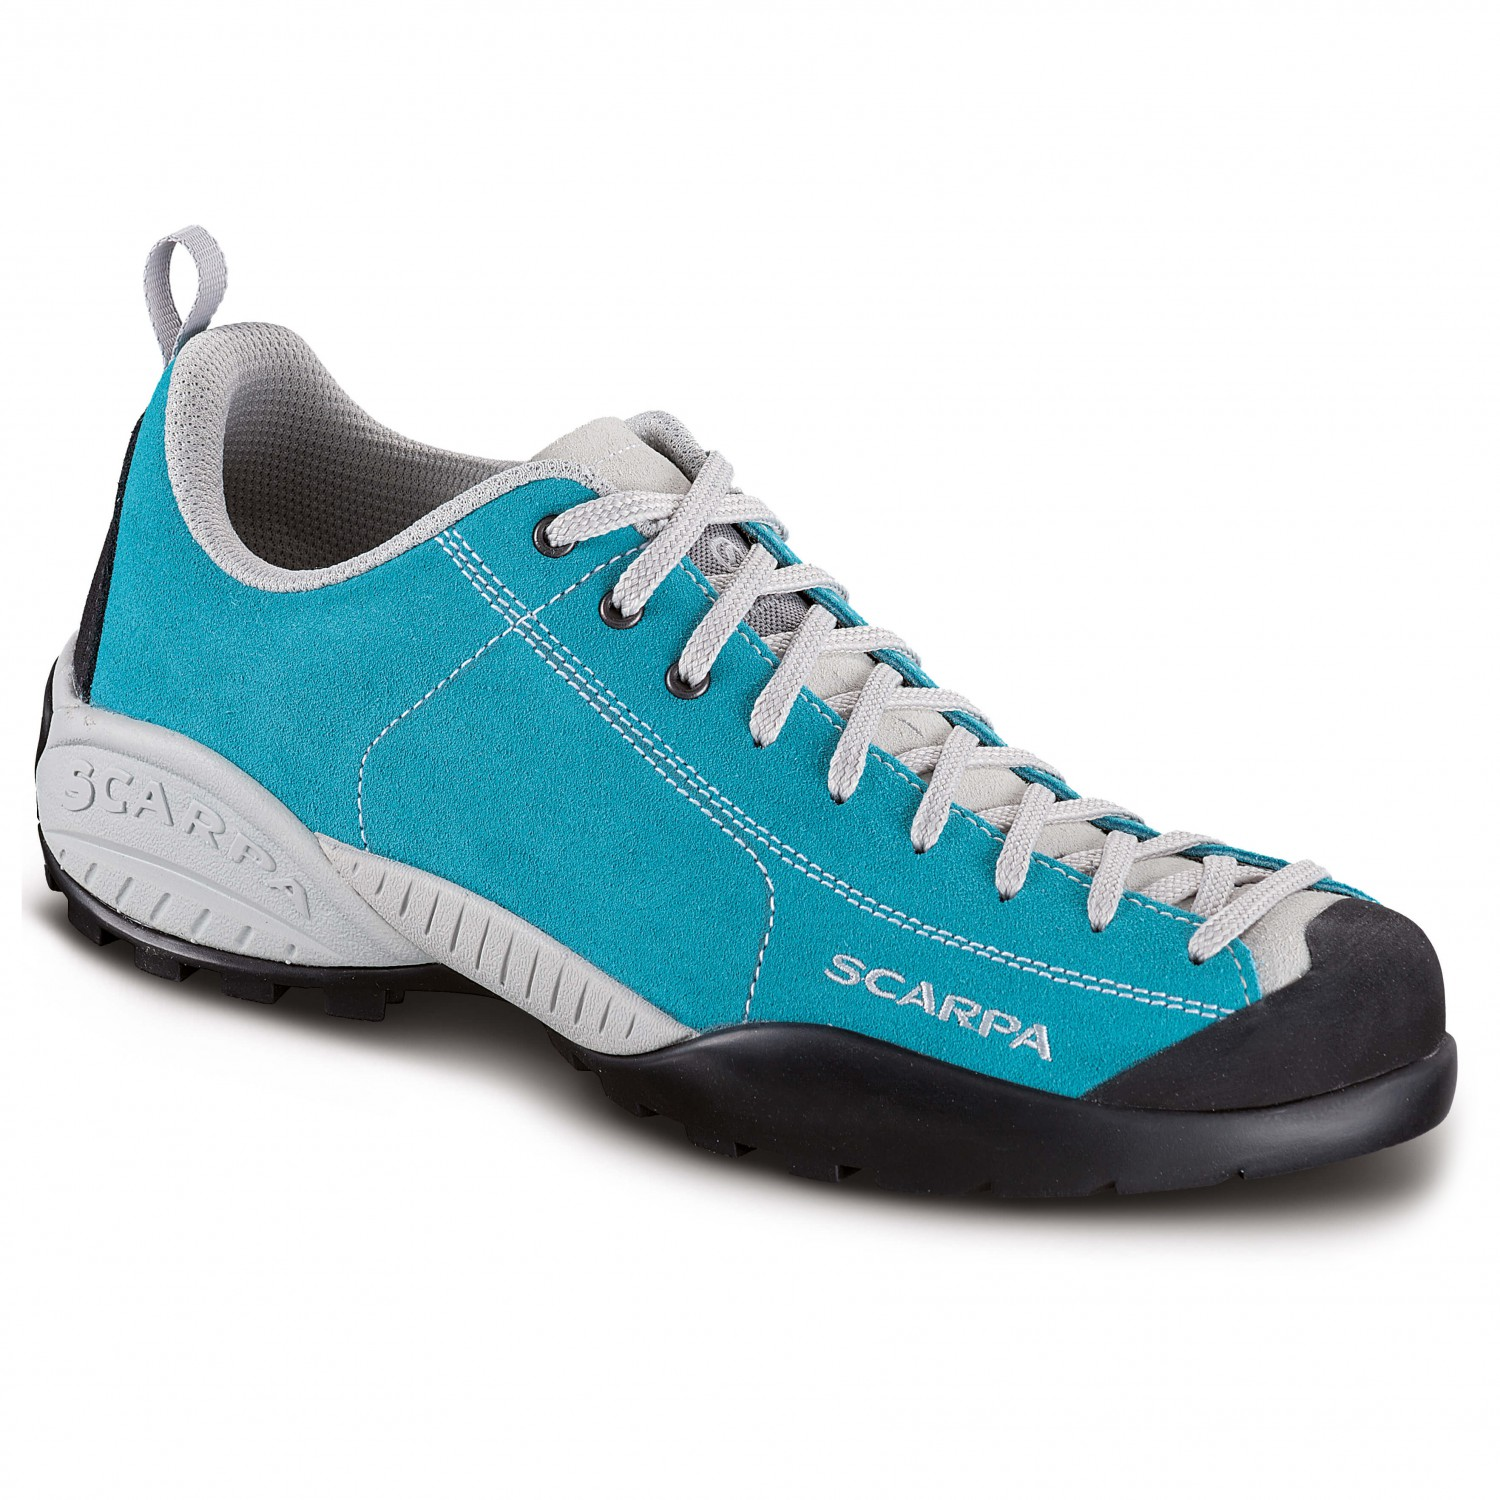 Scarpa - Mojito - Sneaker Pagoda Blue